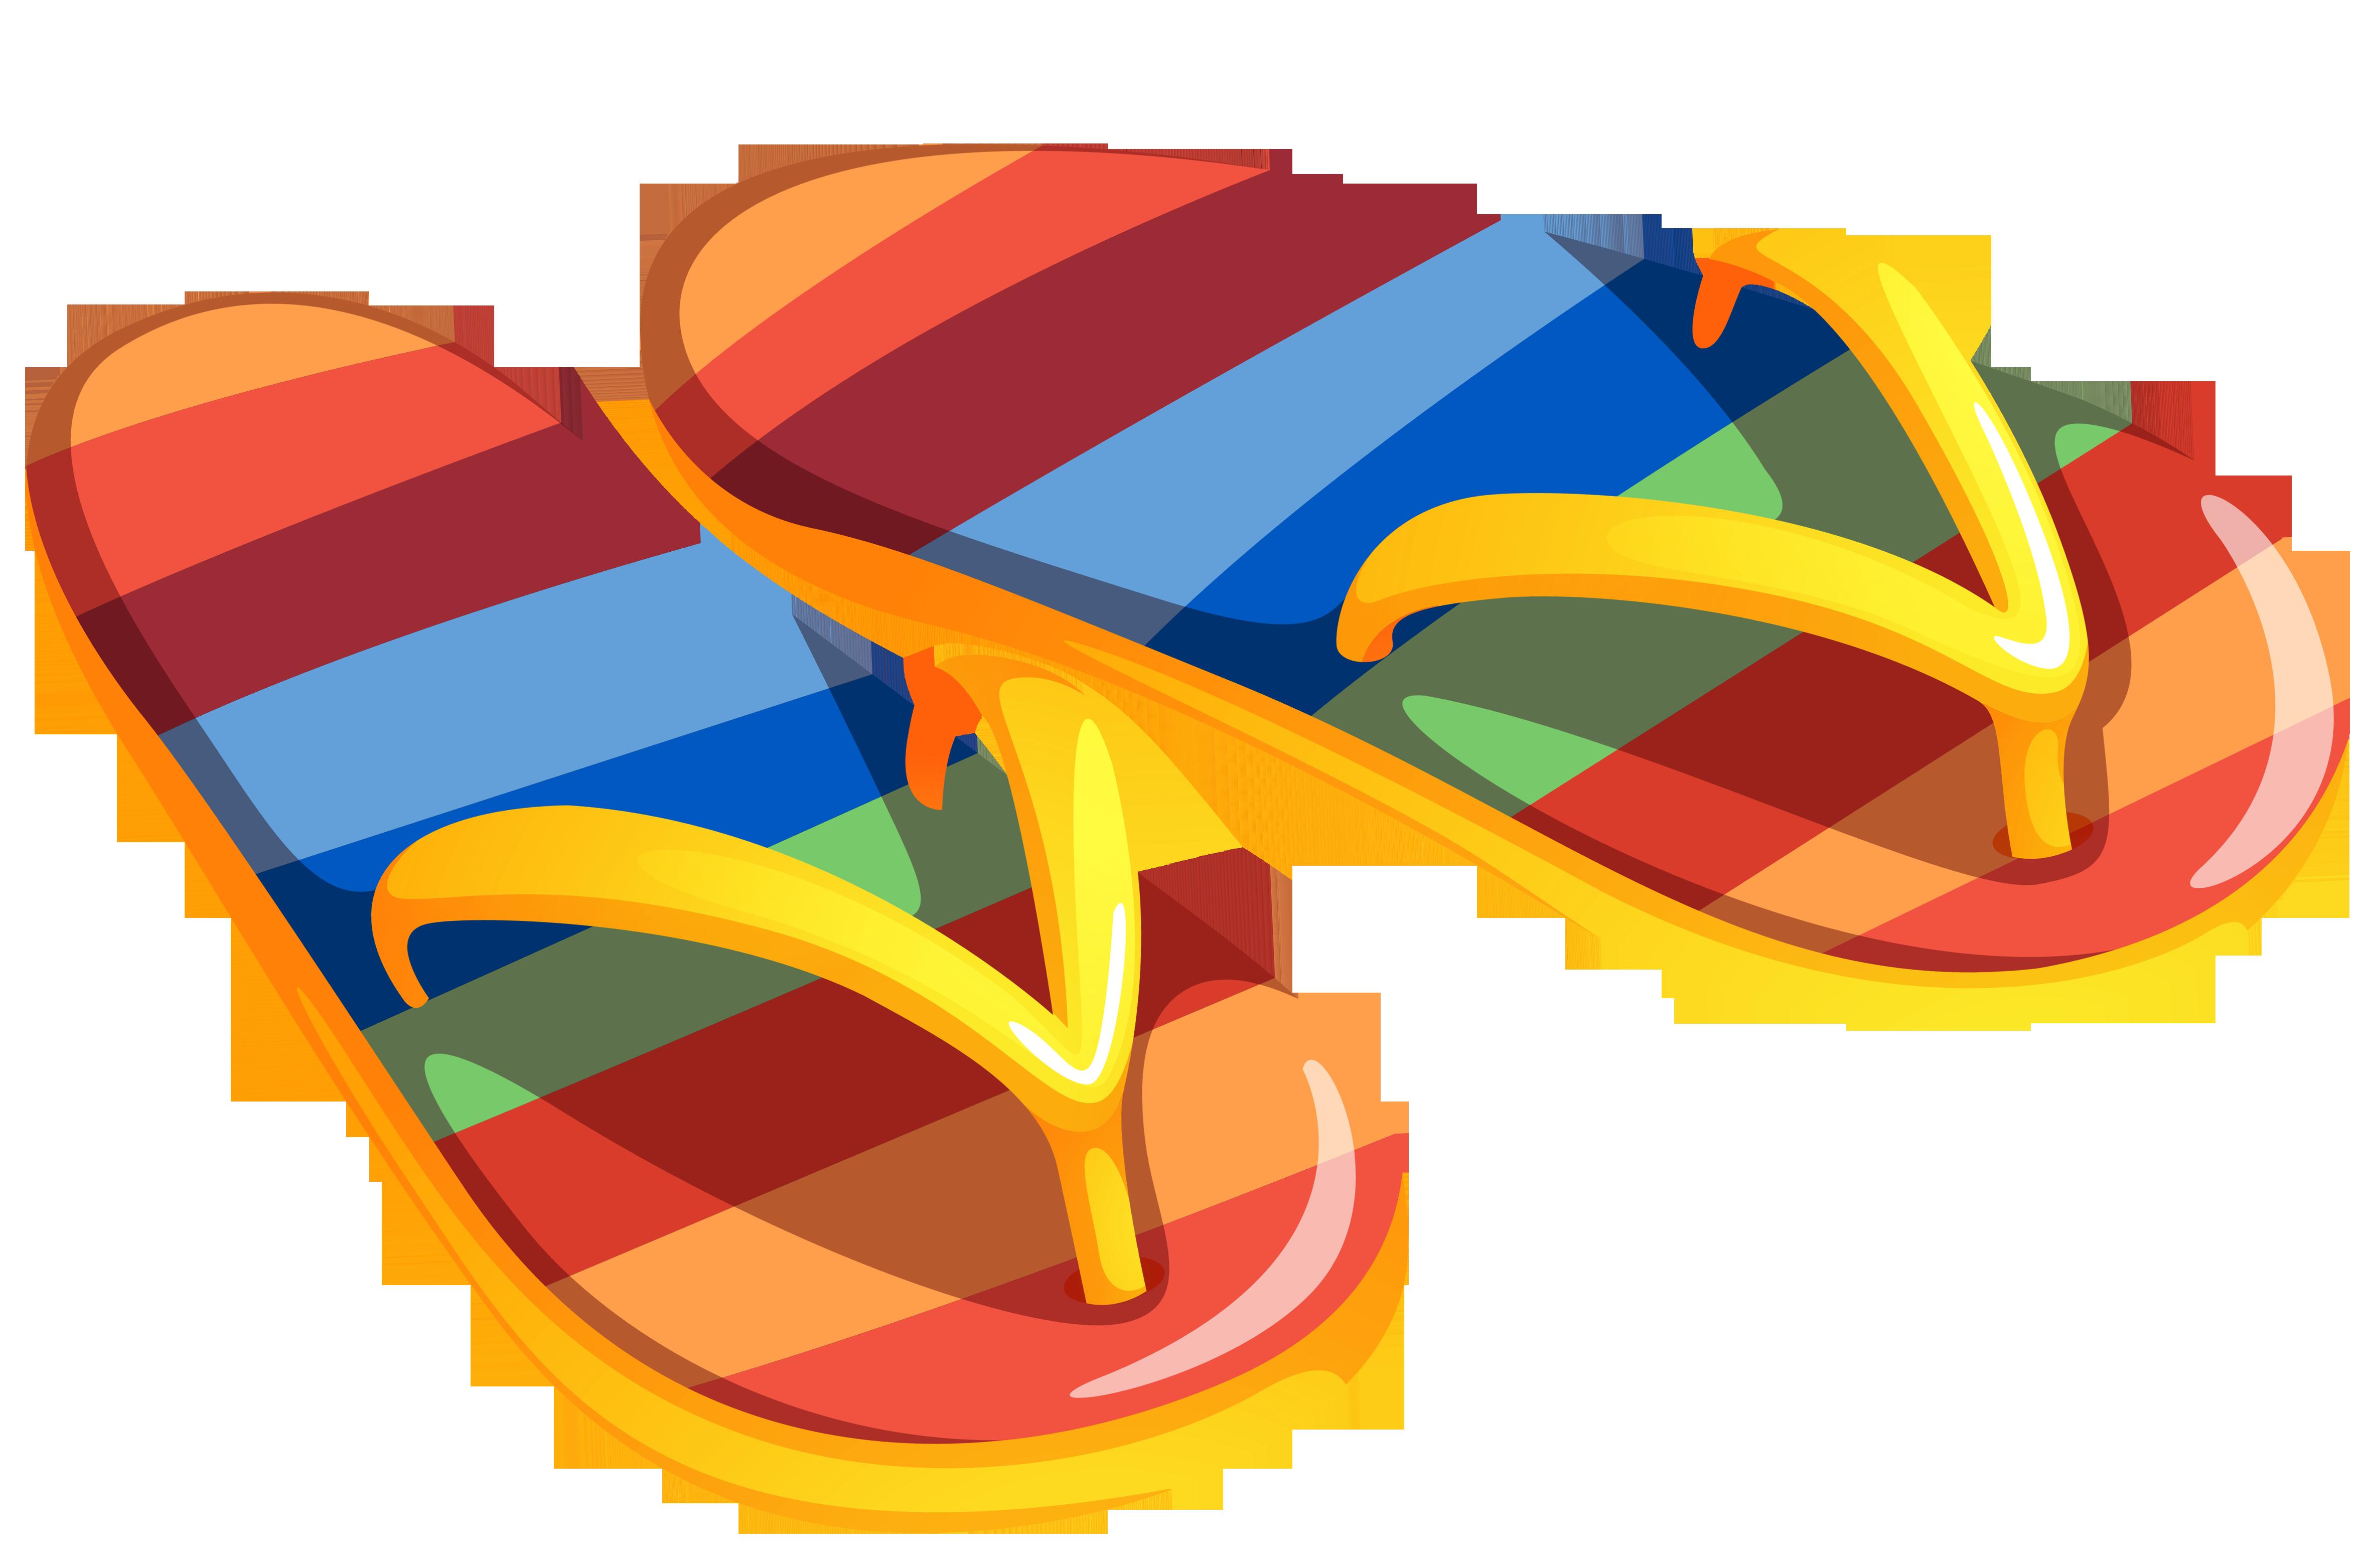 Flip flop clip art images 5.